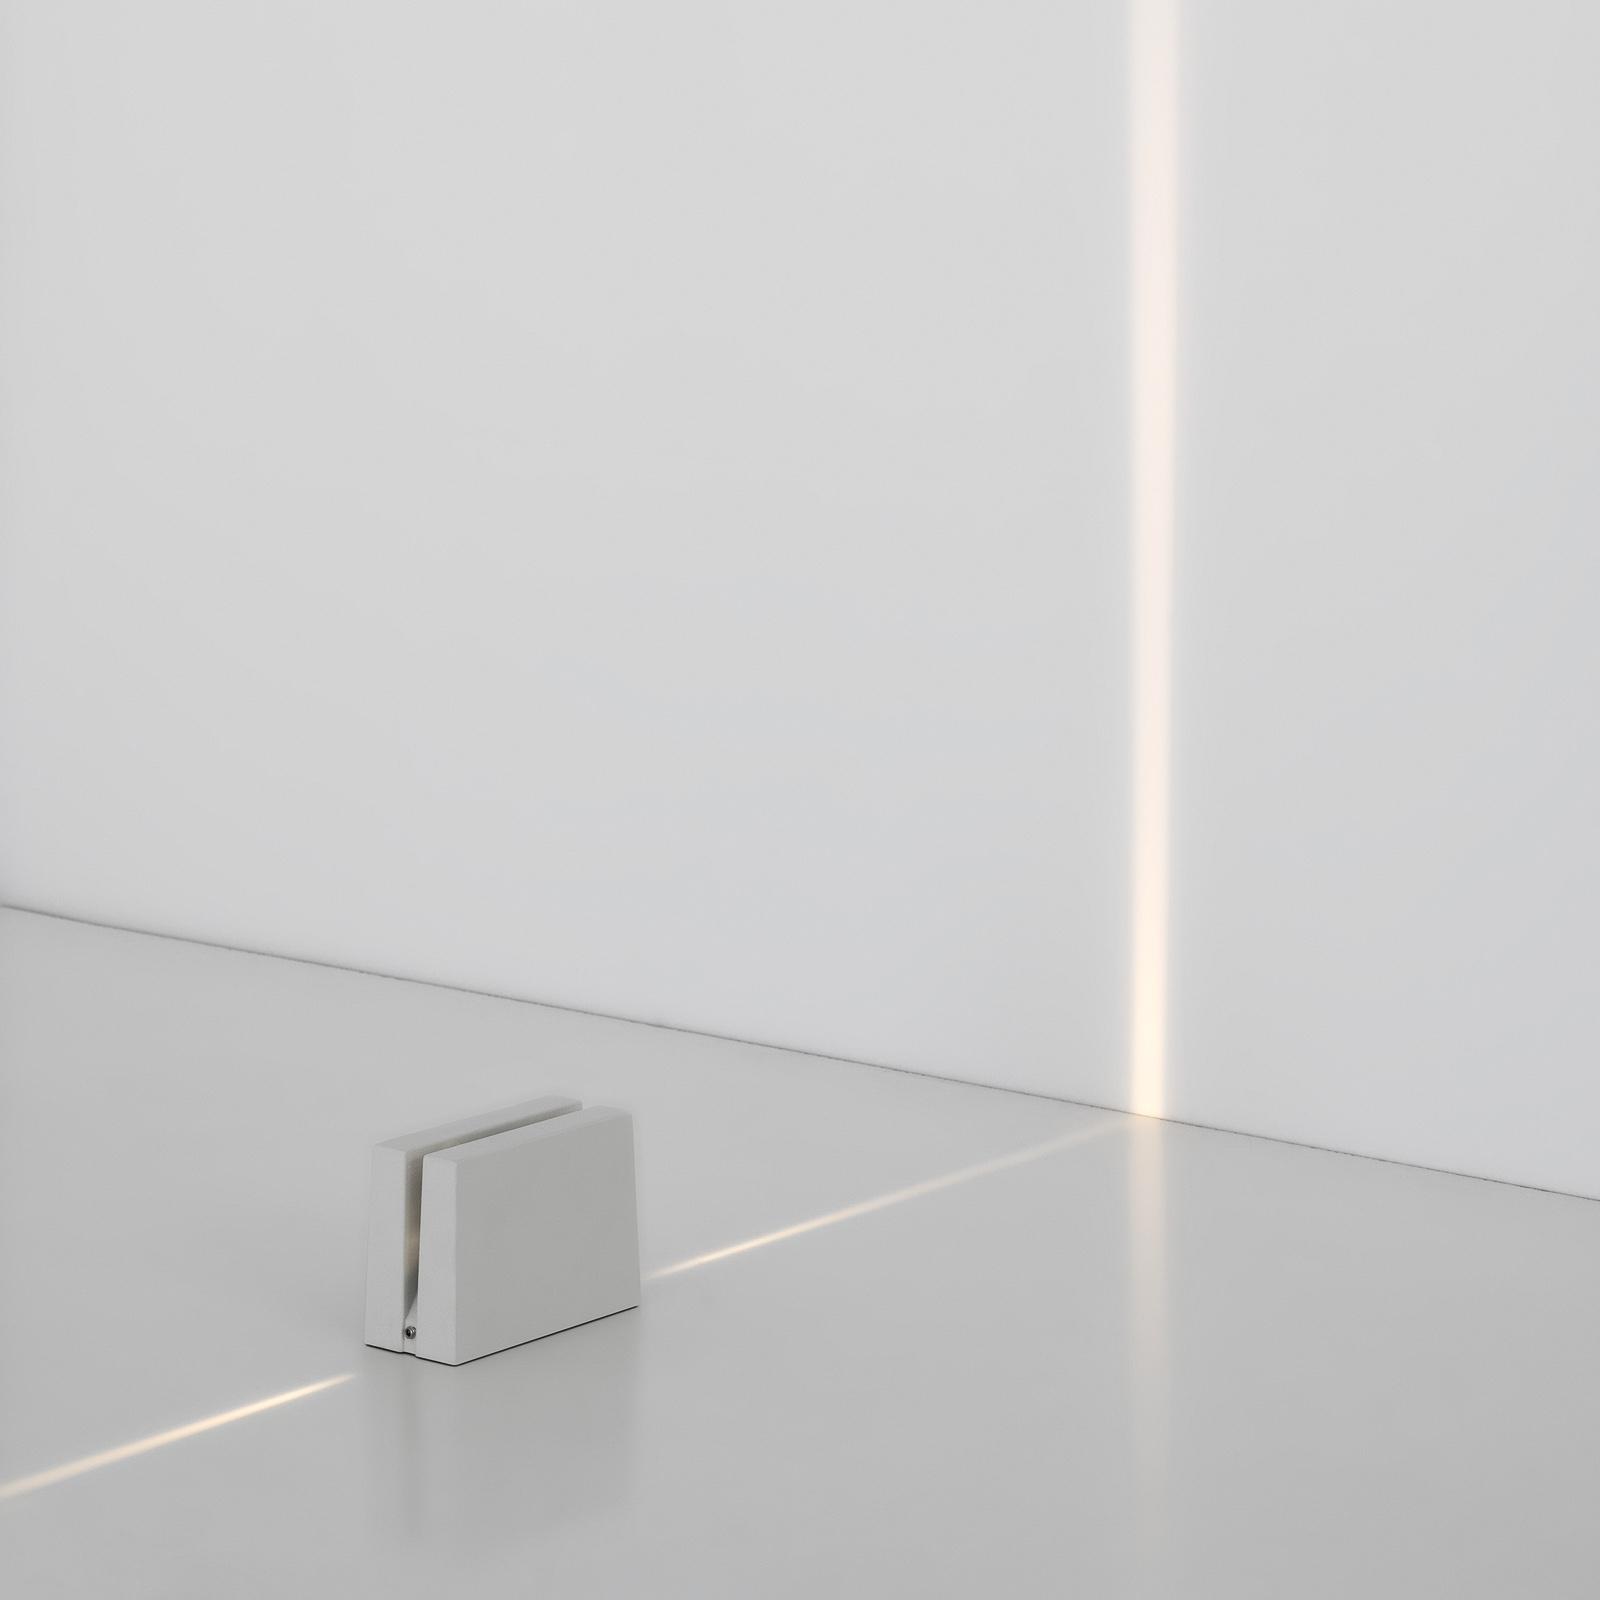 Artemide Antarktikós LED-designerlampe 3000K